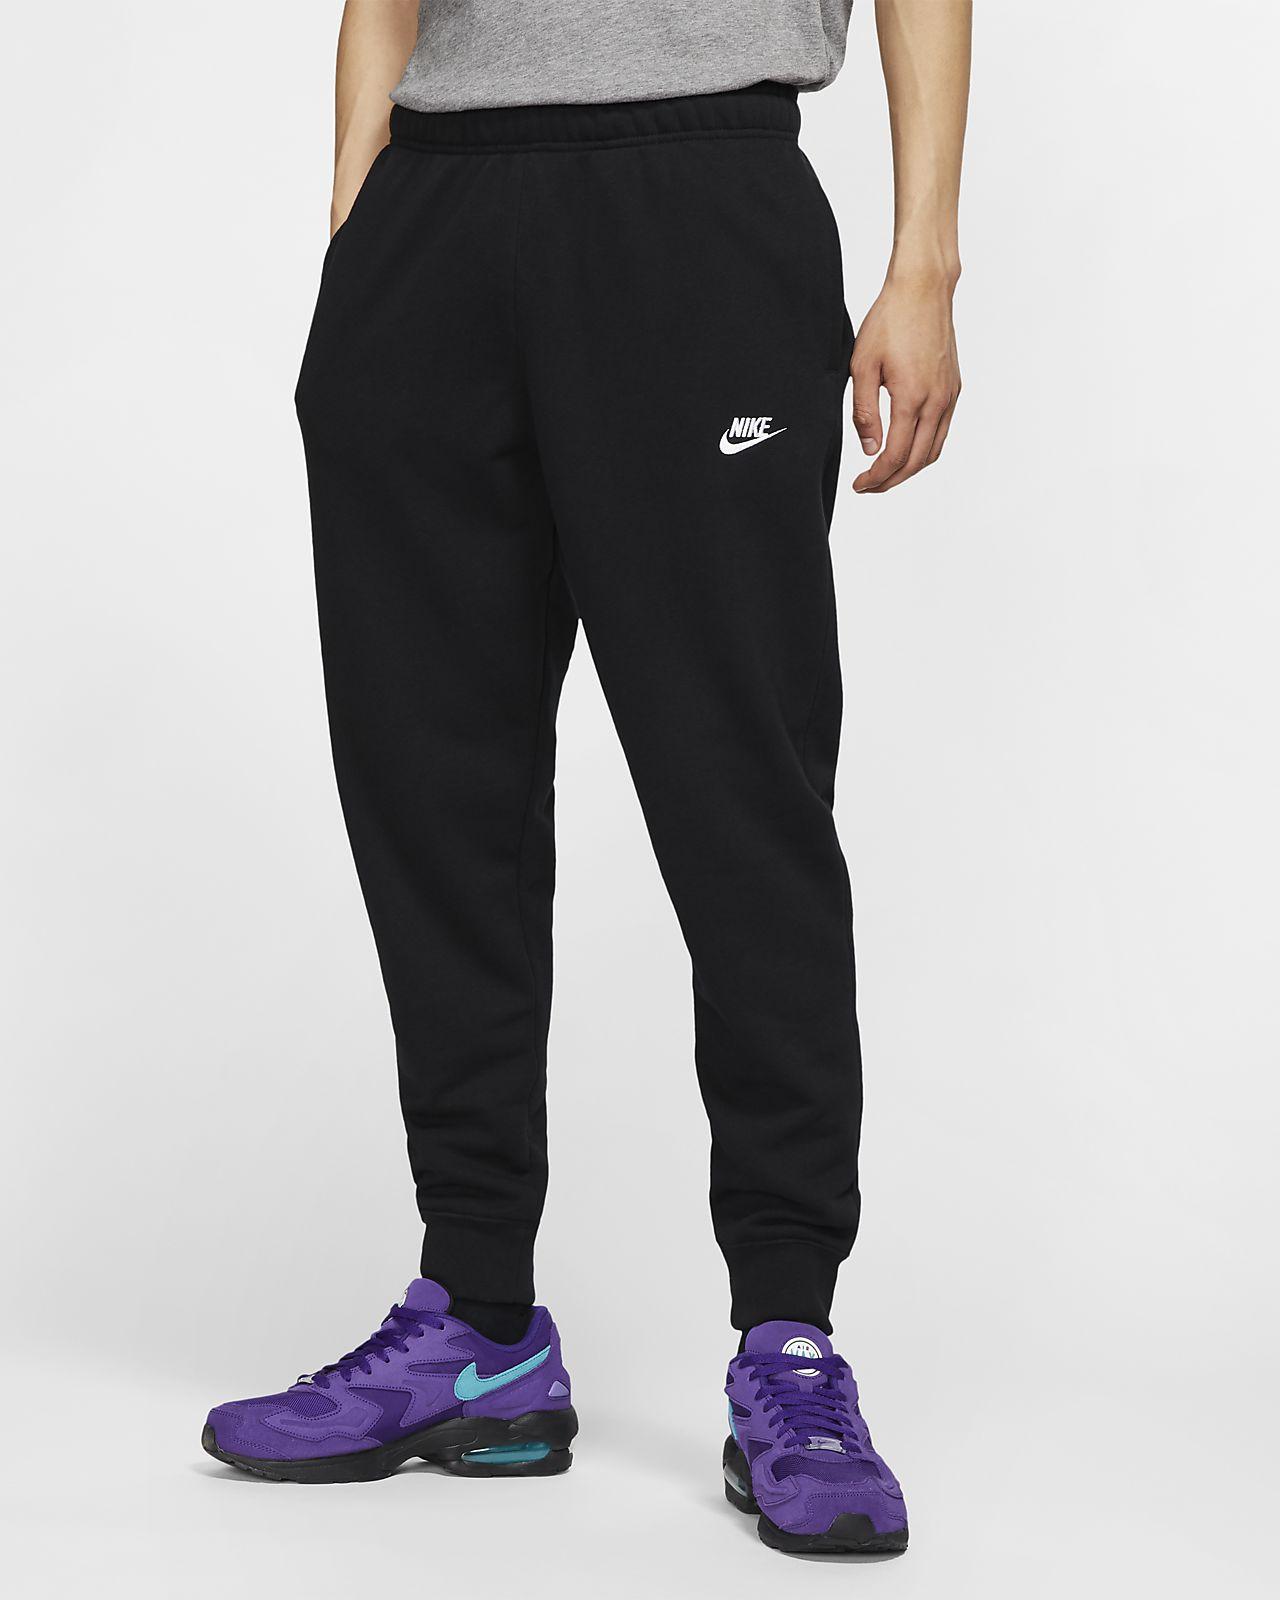 pantalon jogging nike homme